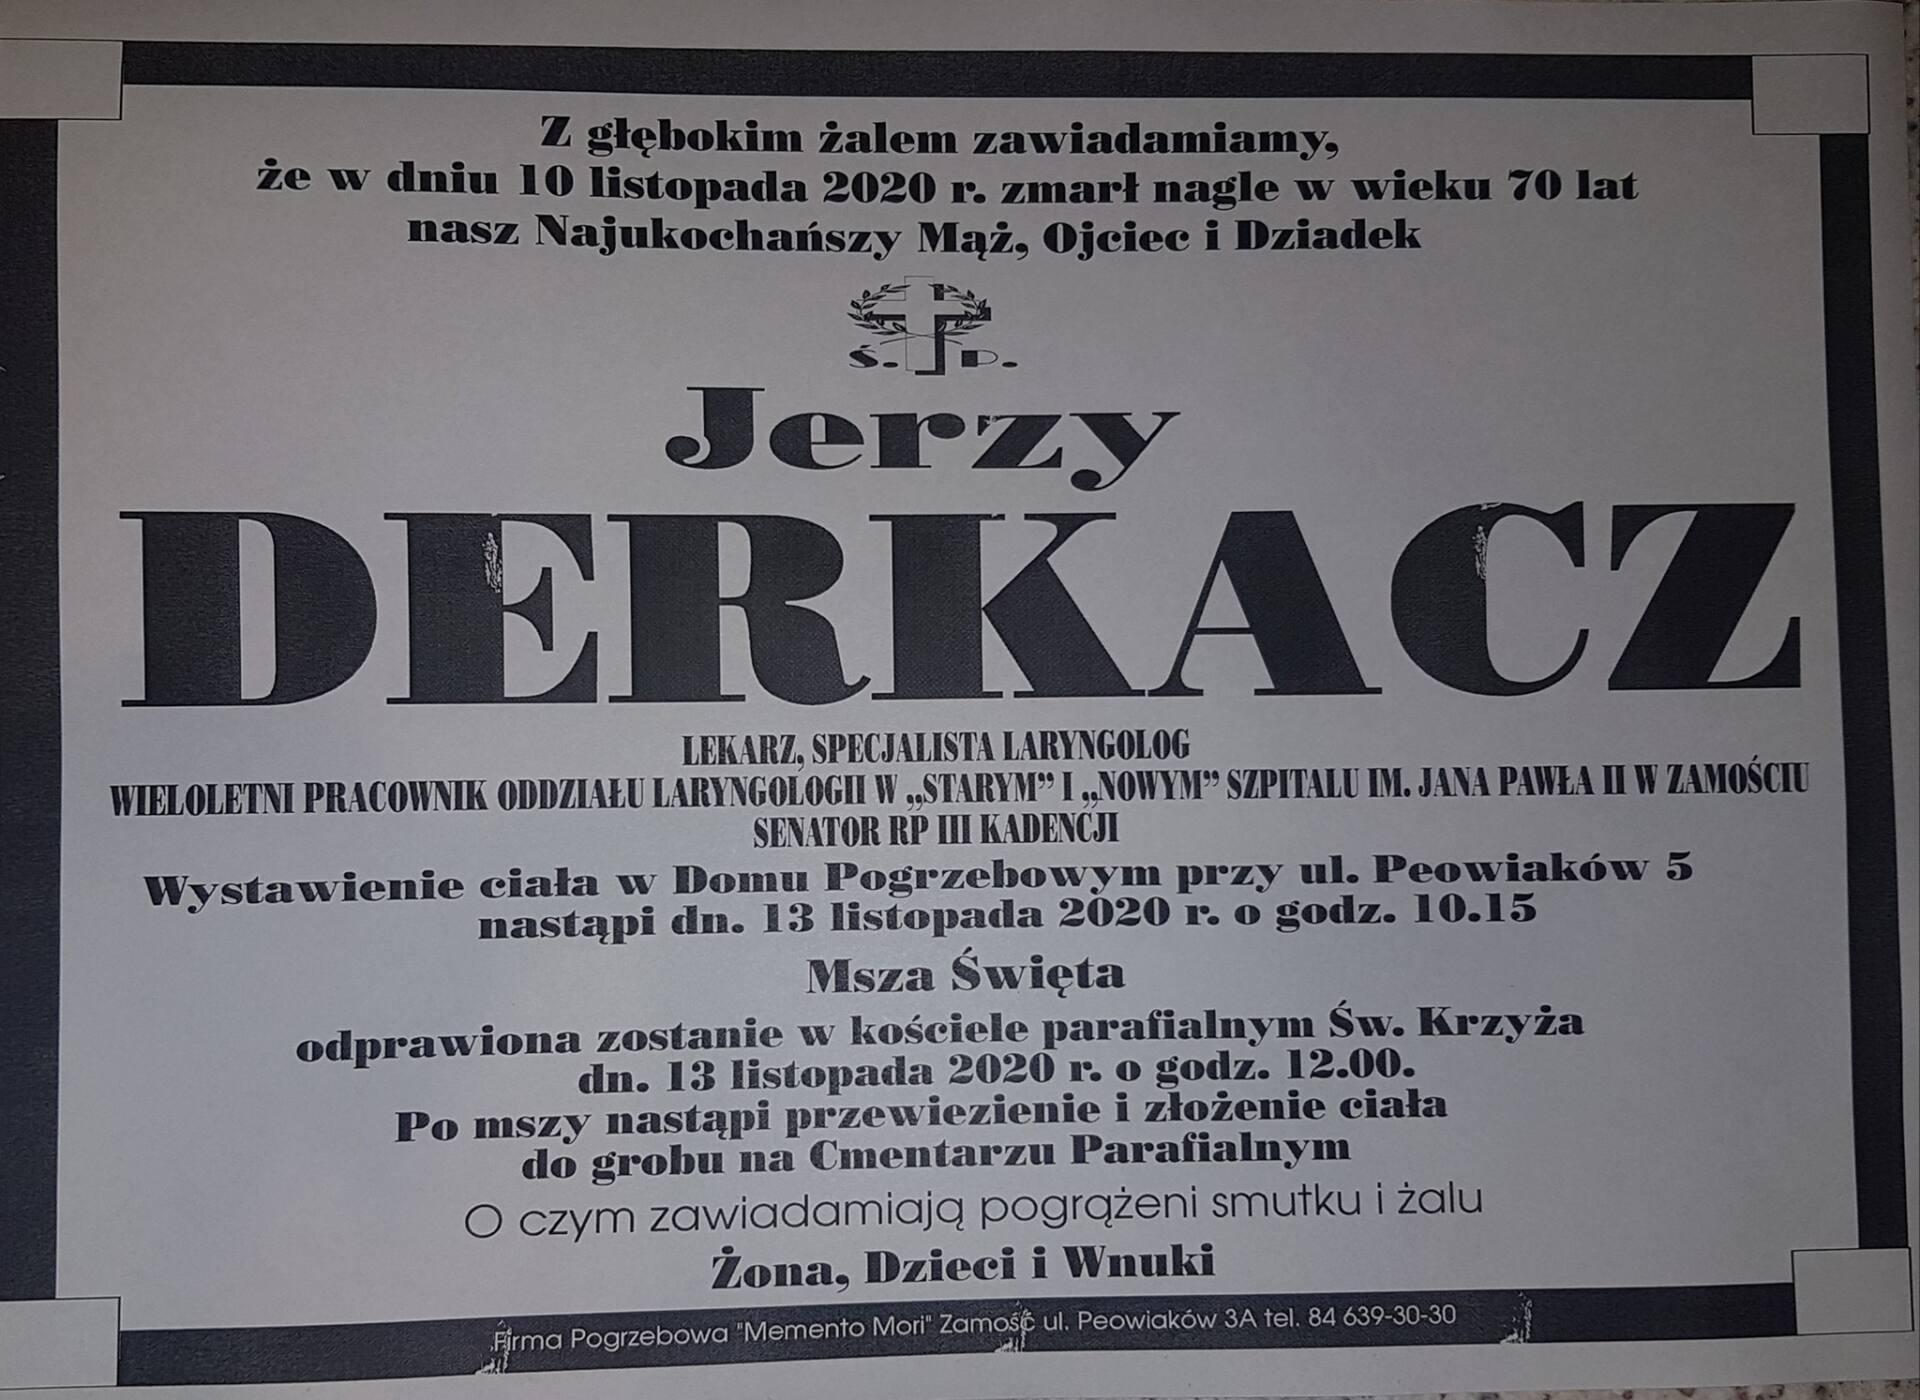 124994344 1096393404149674 5170752817434657319 o 1 Zmarł doktor Jerzy Derkacz, laryngolog zamojskiej służby zdrowia